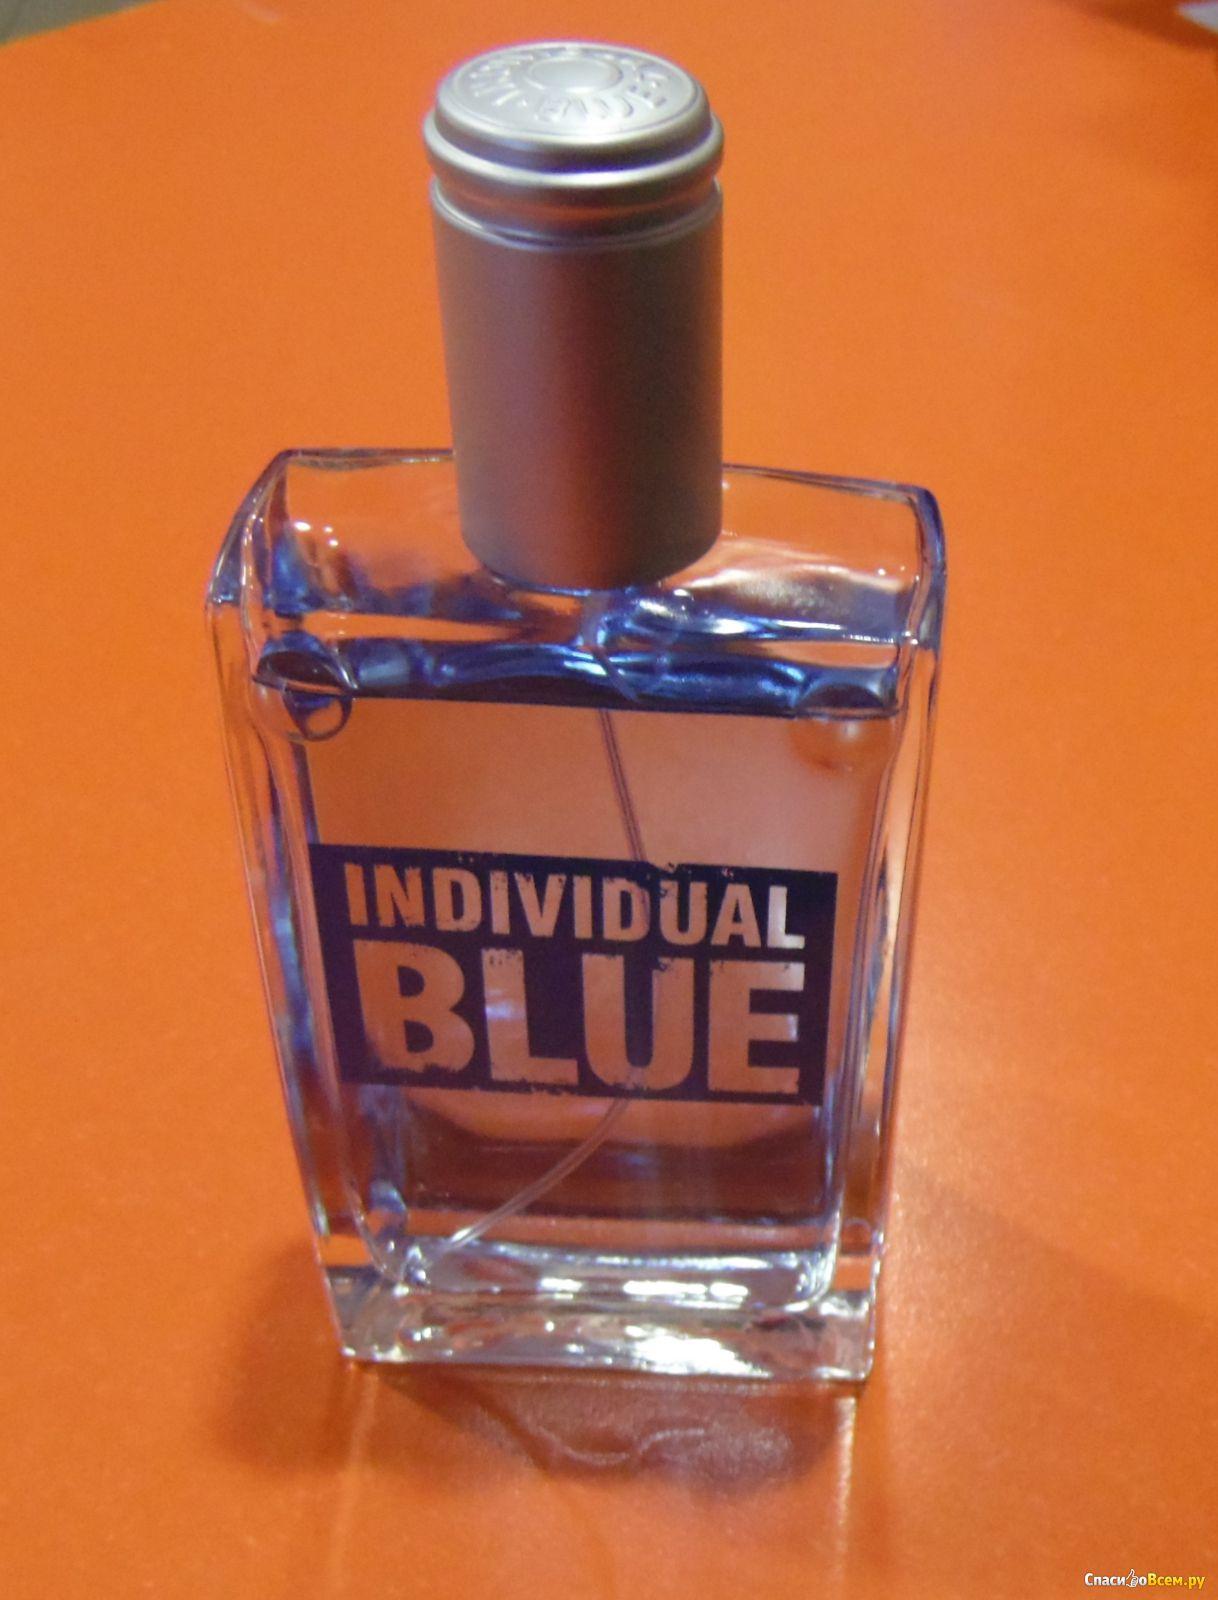 Individual blue for her где можно купить косметику клеона